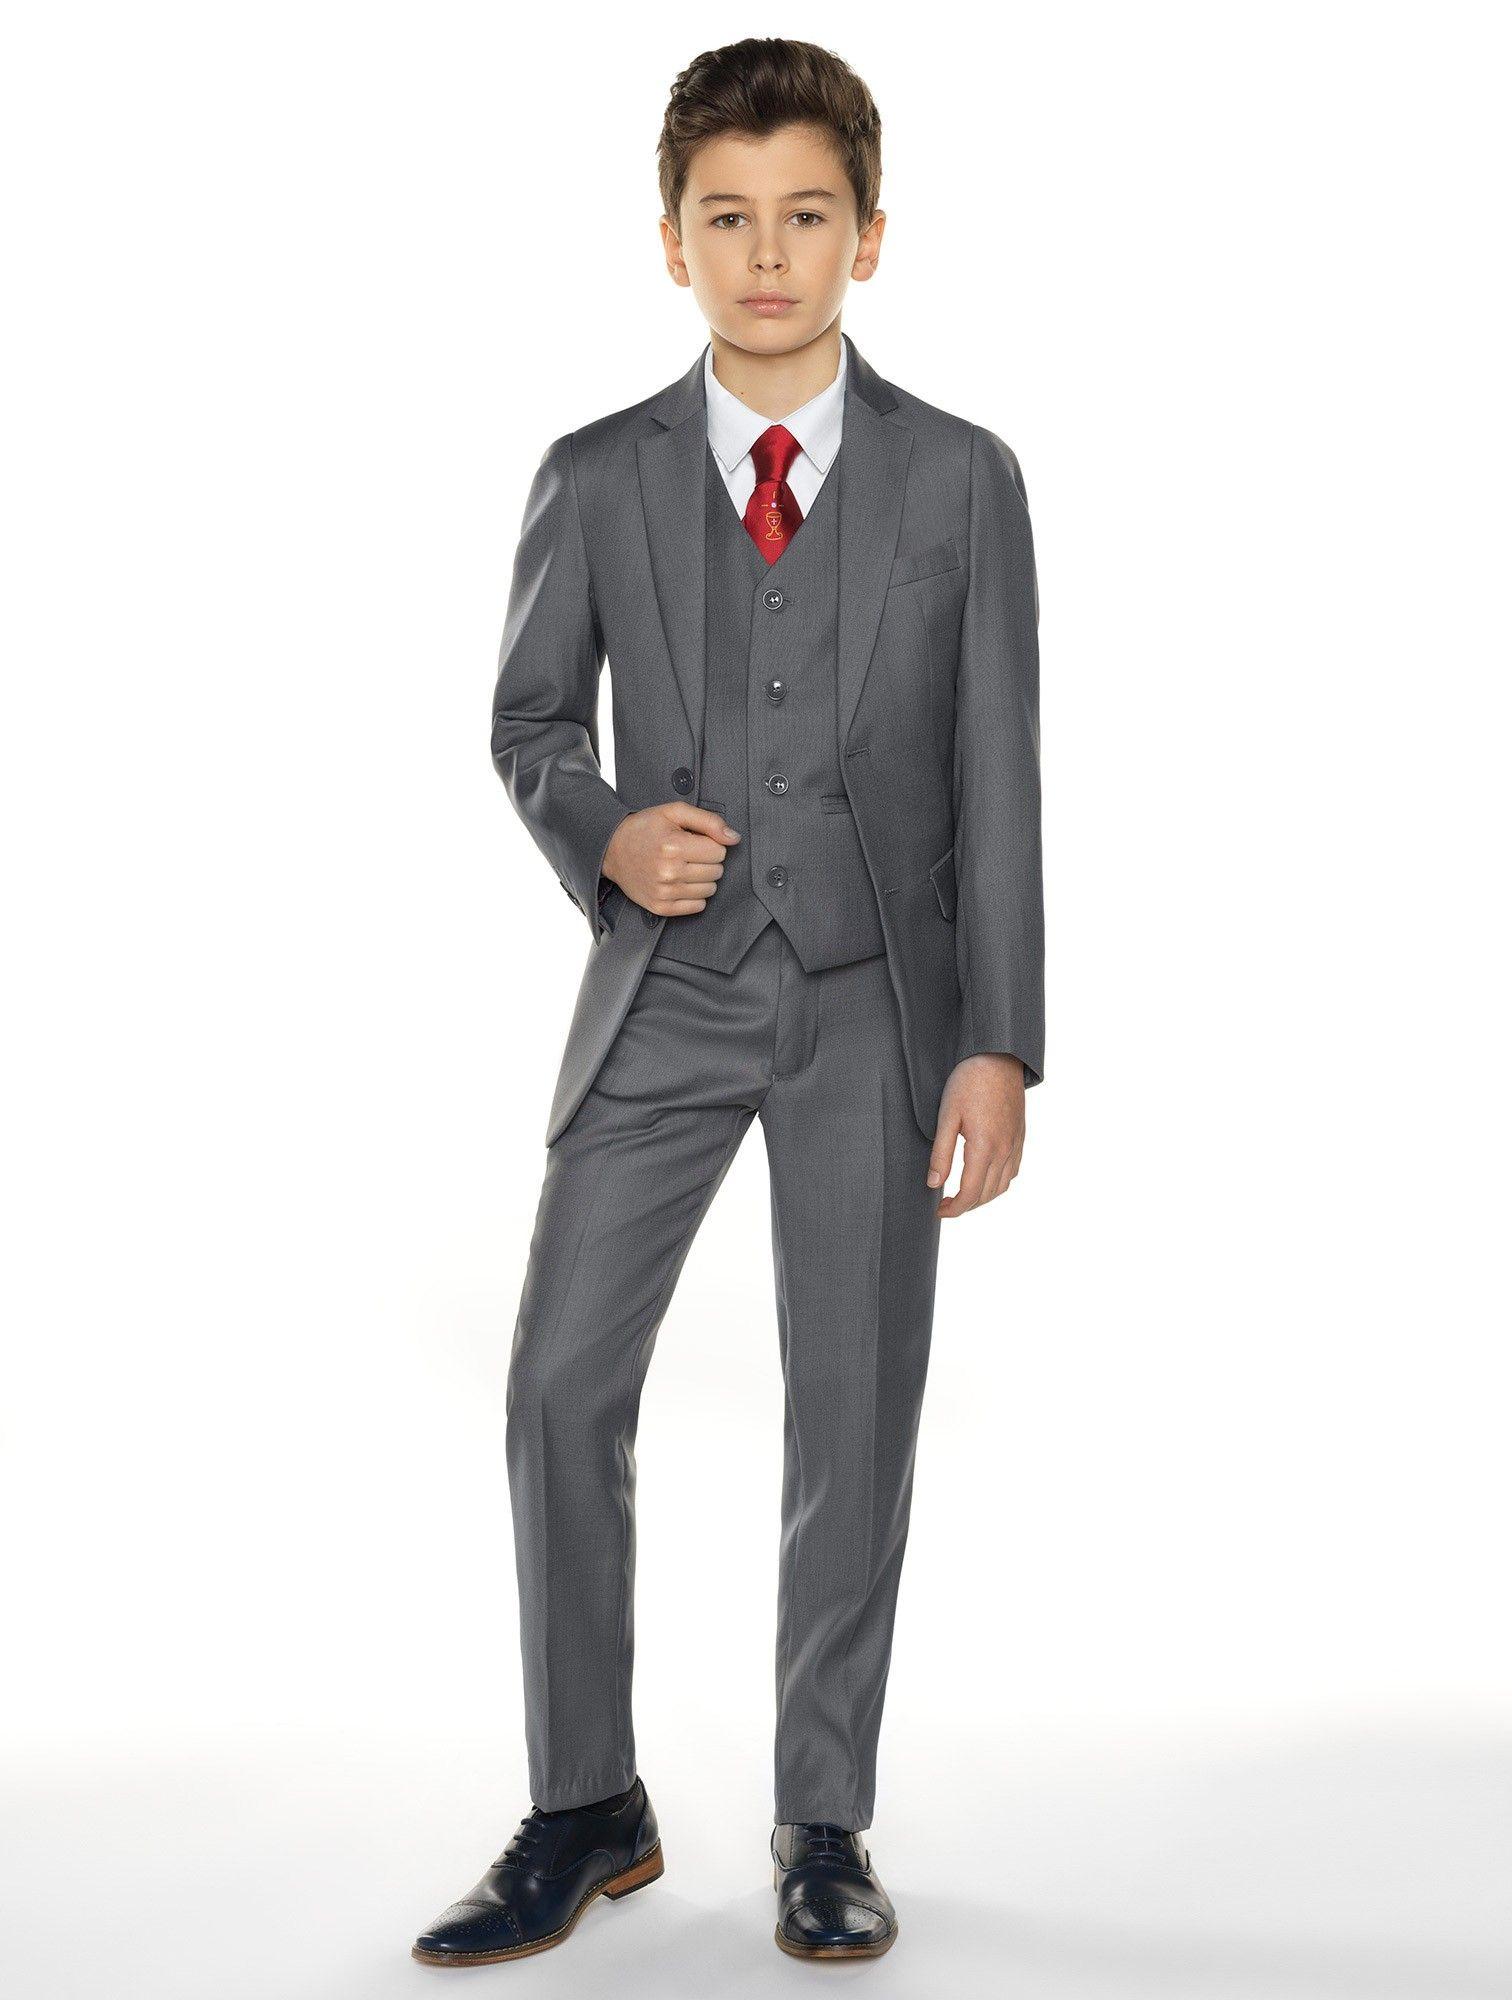 Boys grey communion suit sampson communion suits for